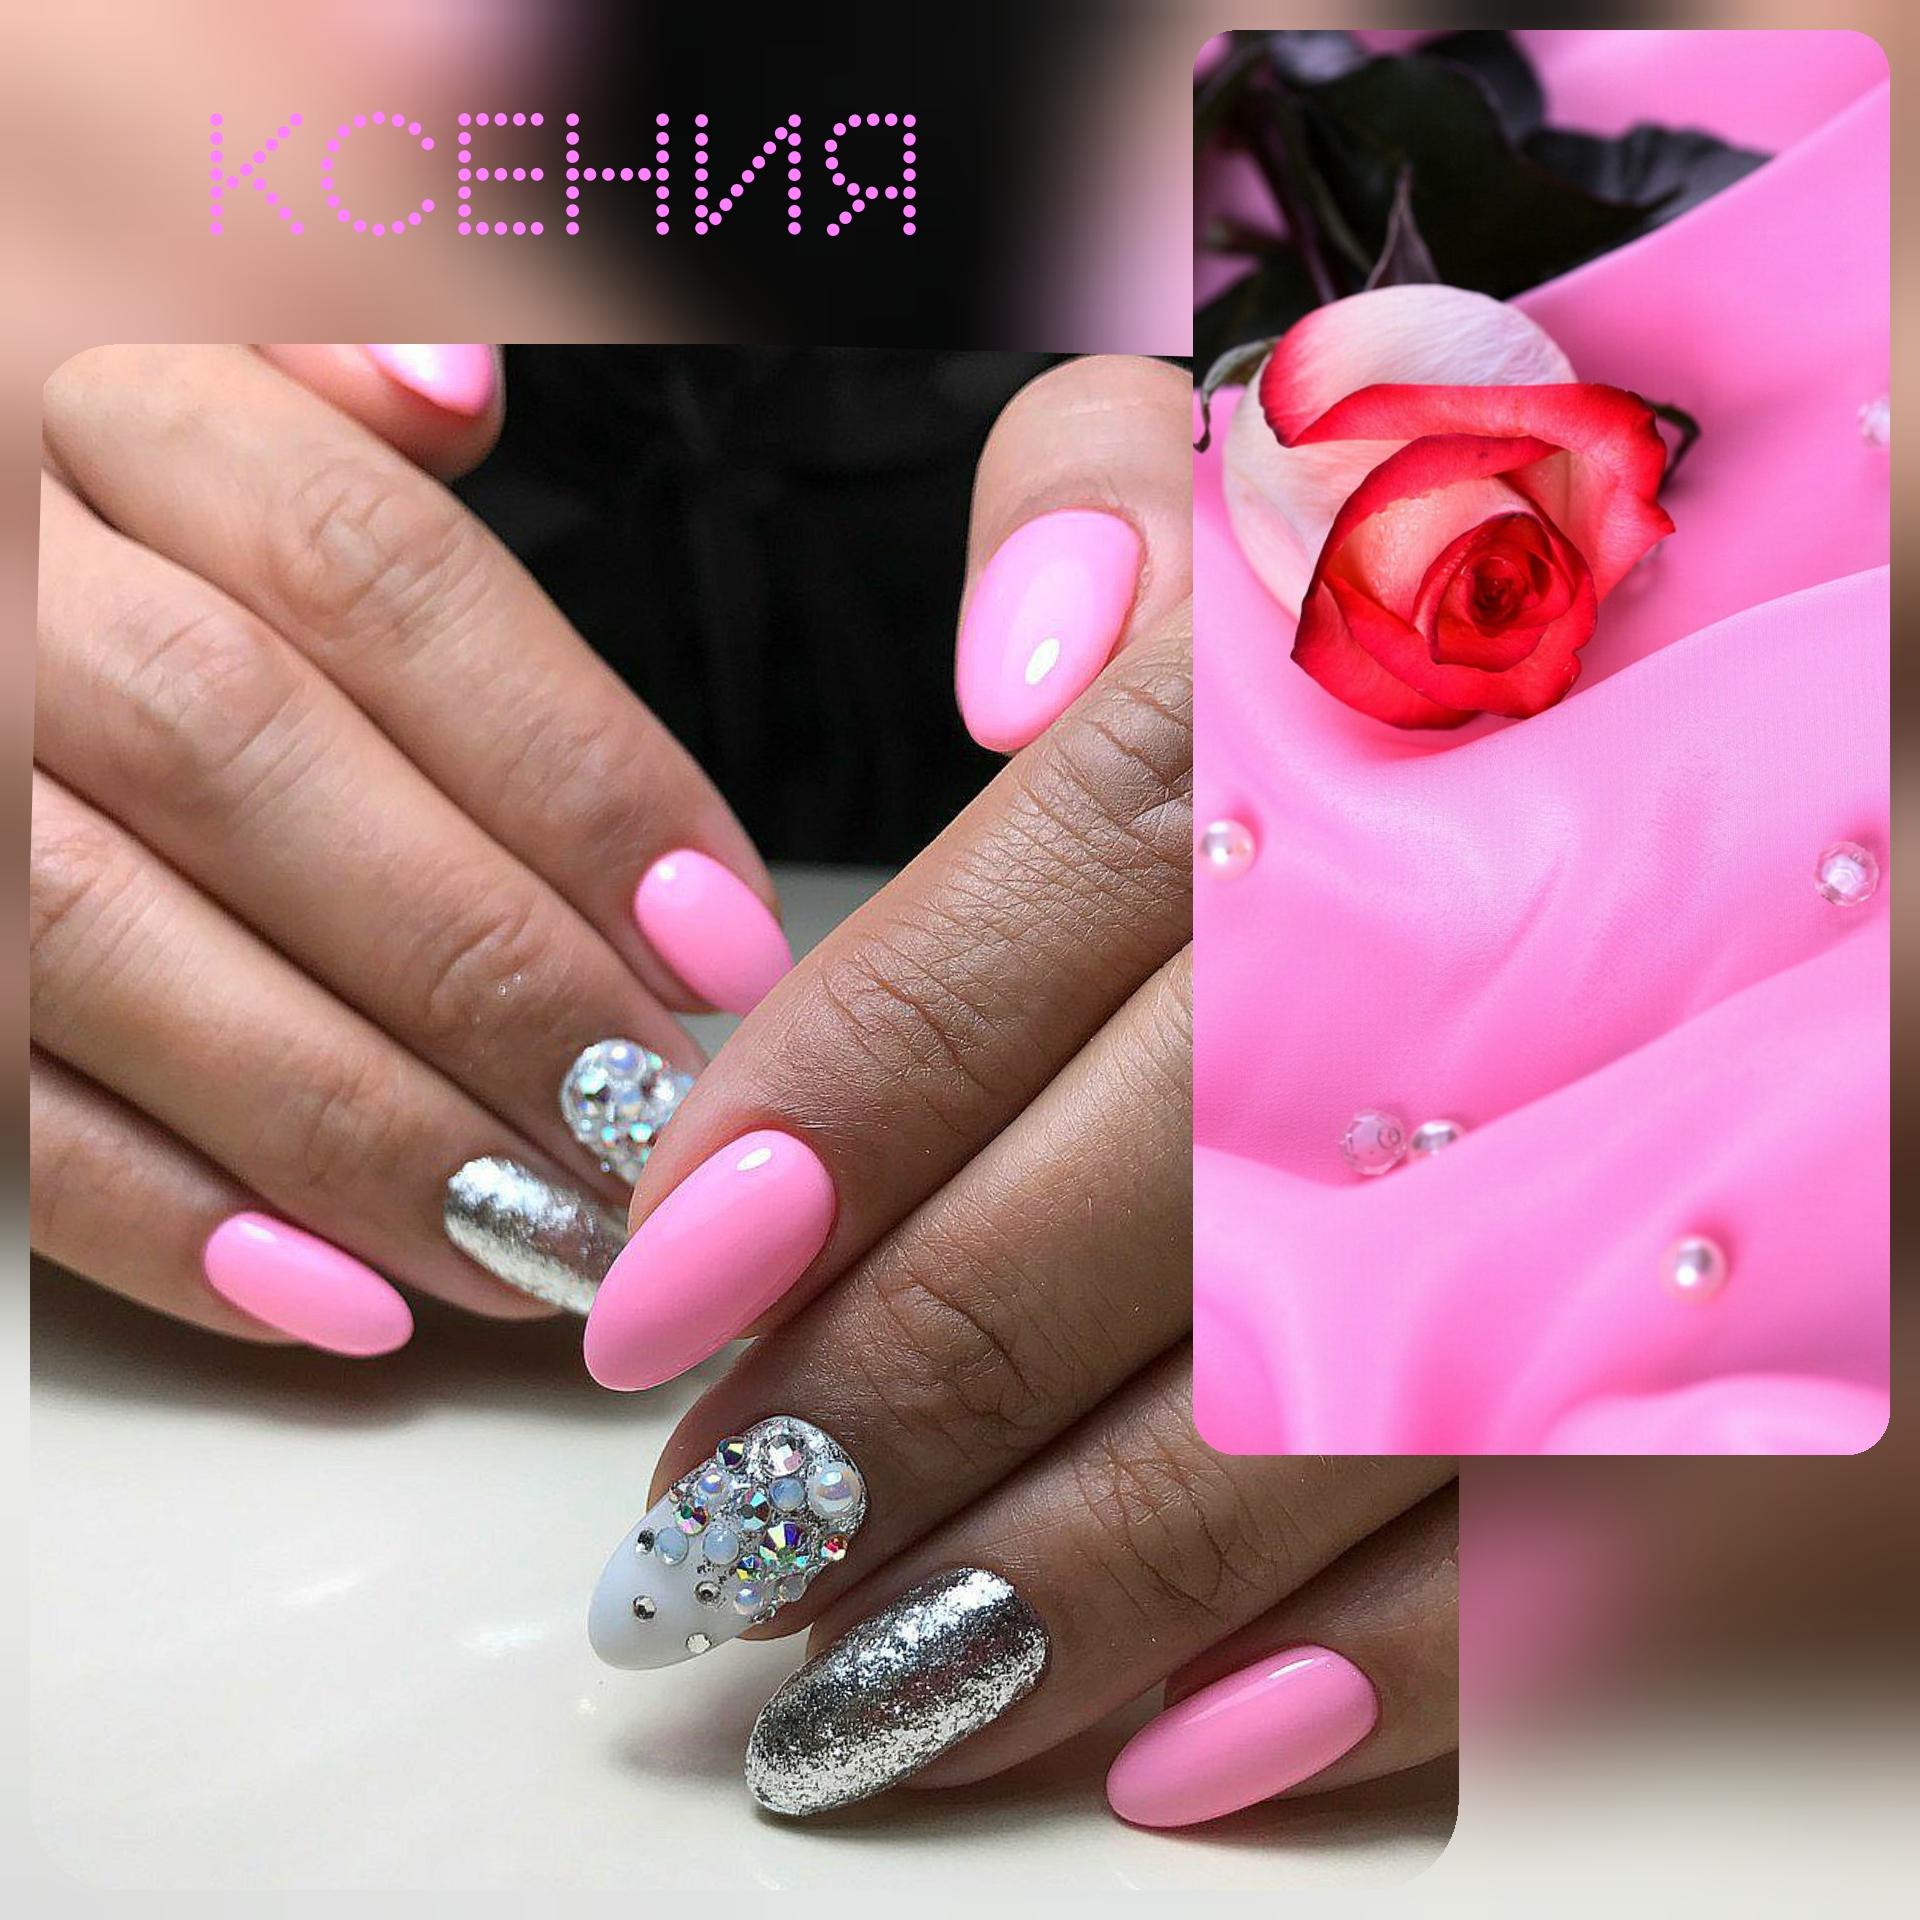 Маникюр с серебряными блестками и стразами в розовом цвете.